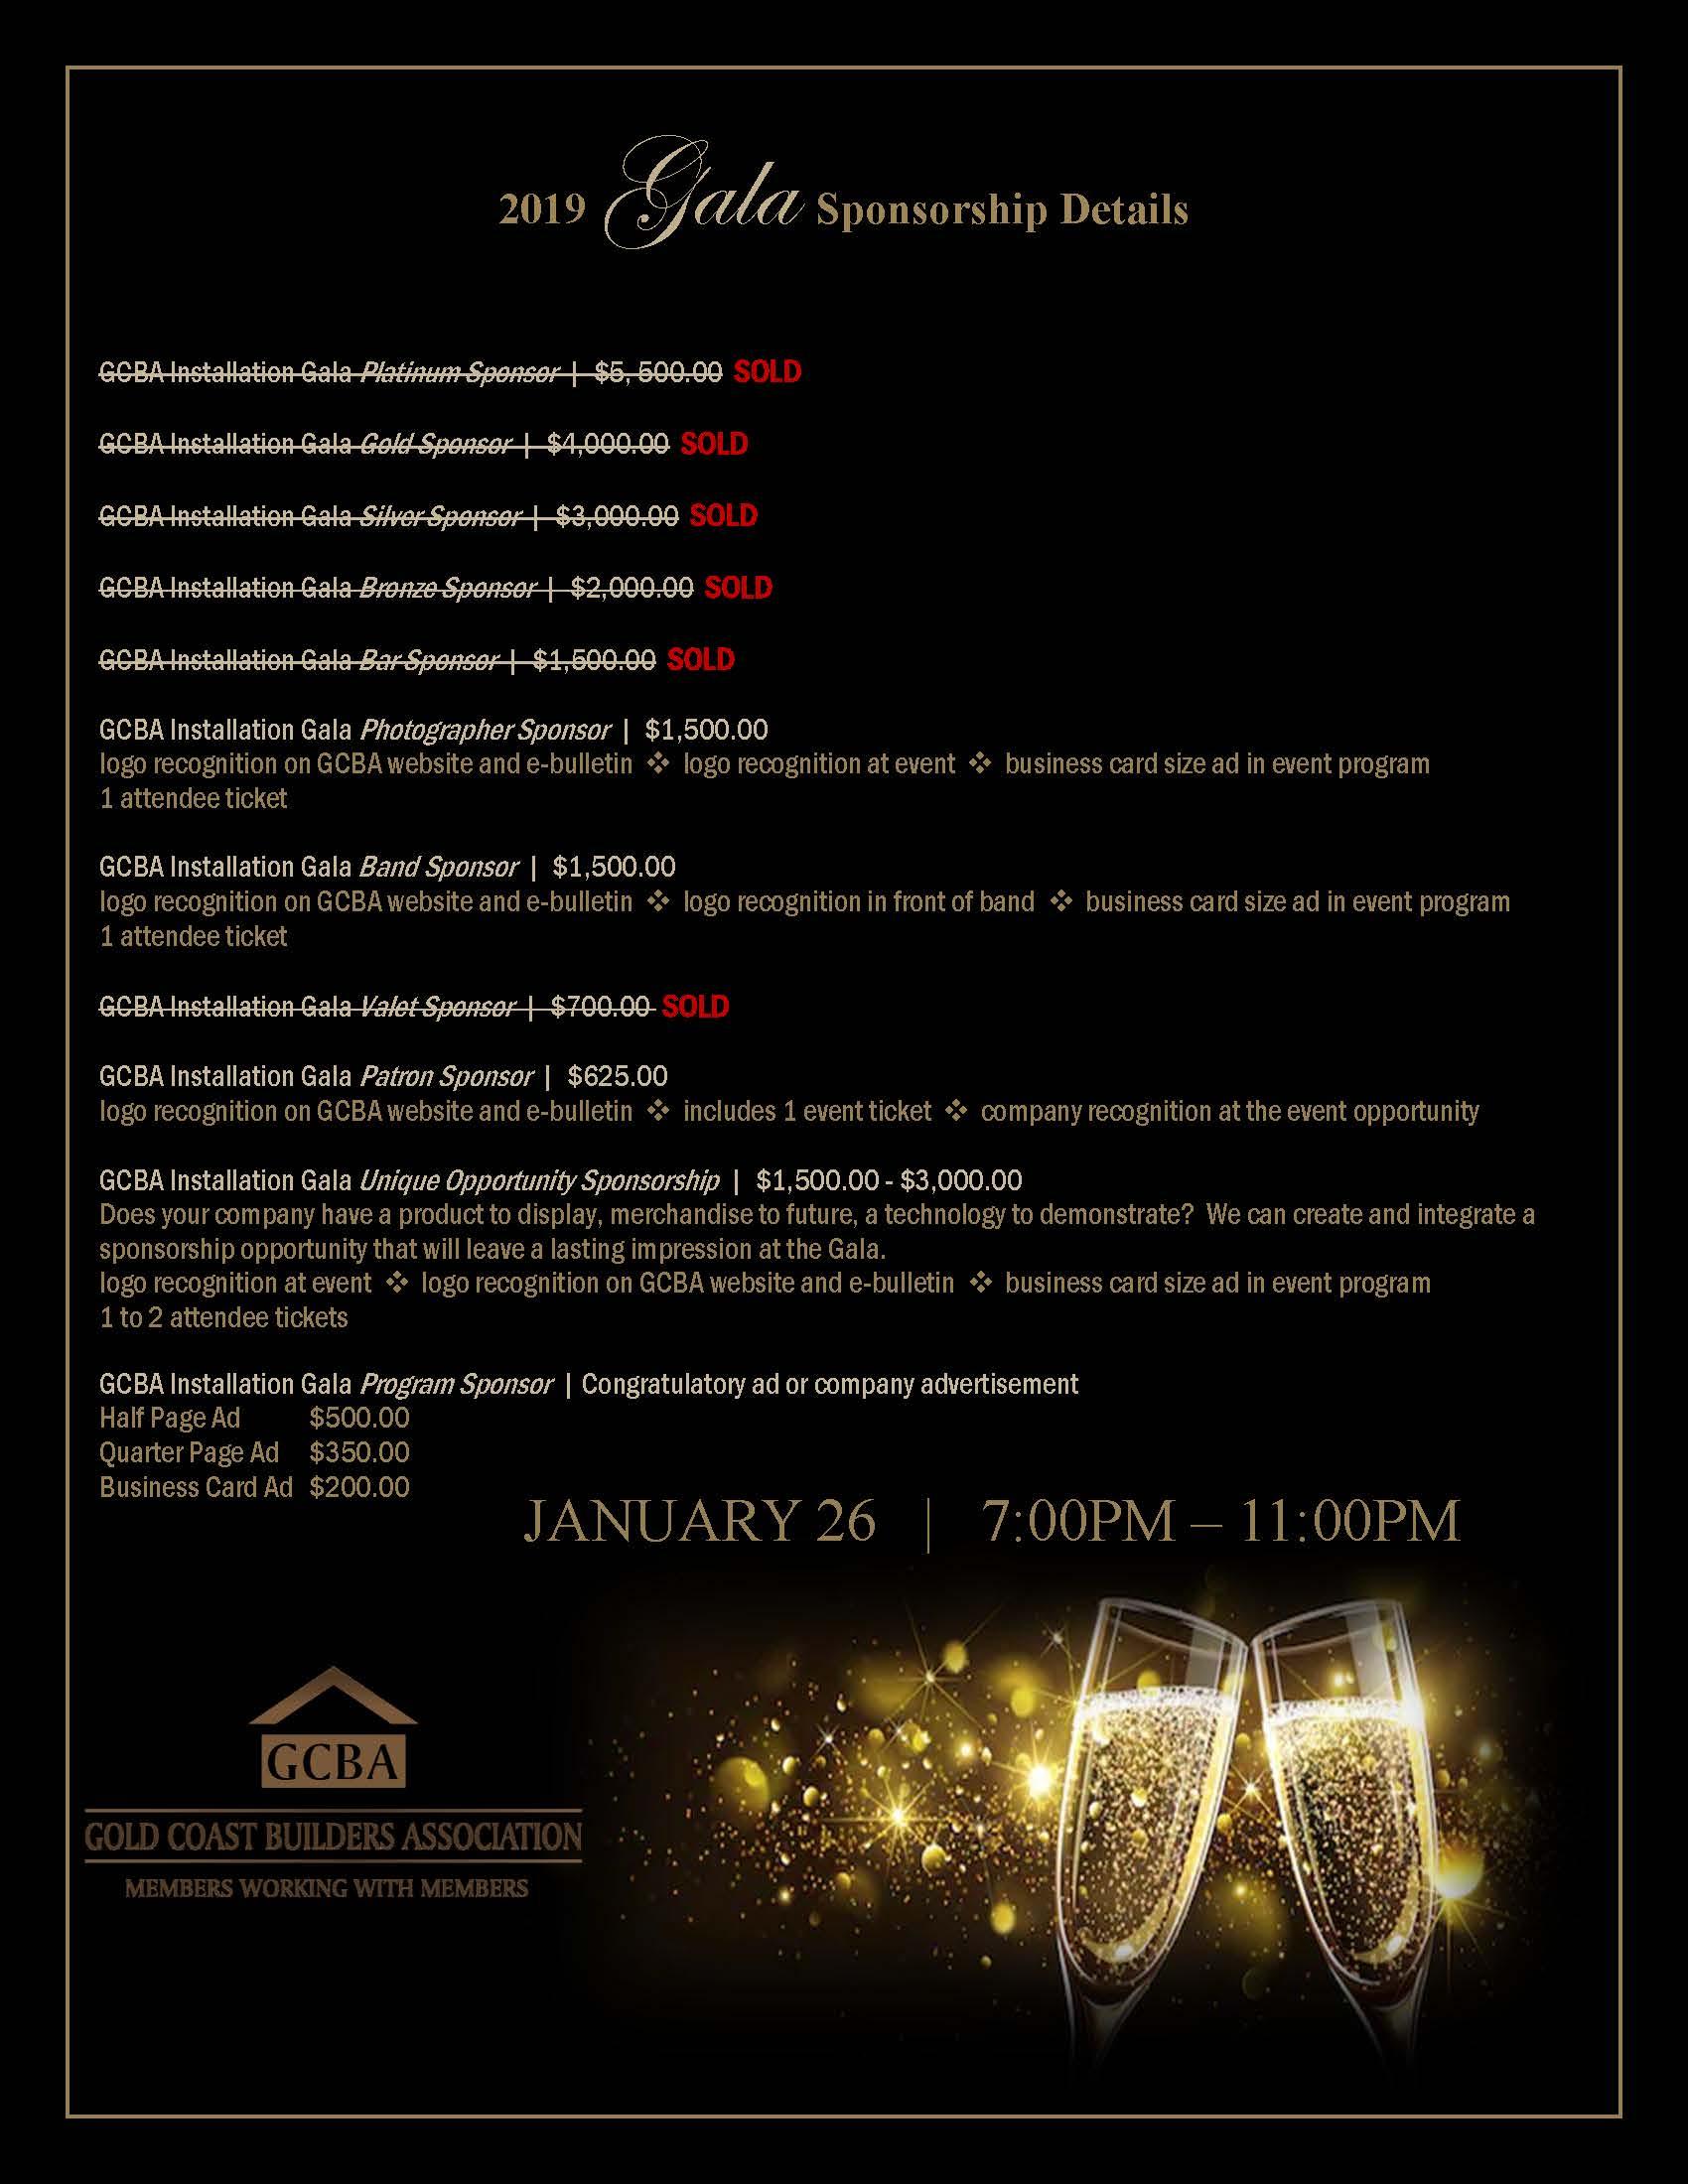 2019 Gala Sponsorship Details